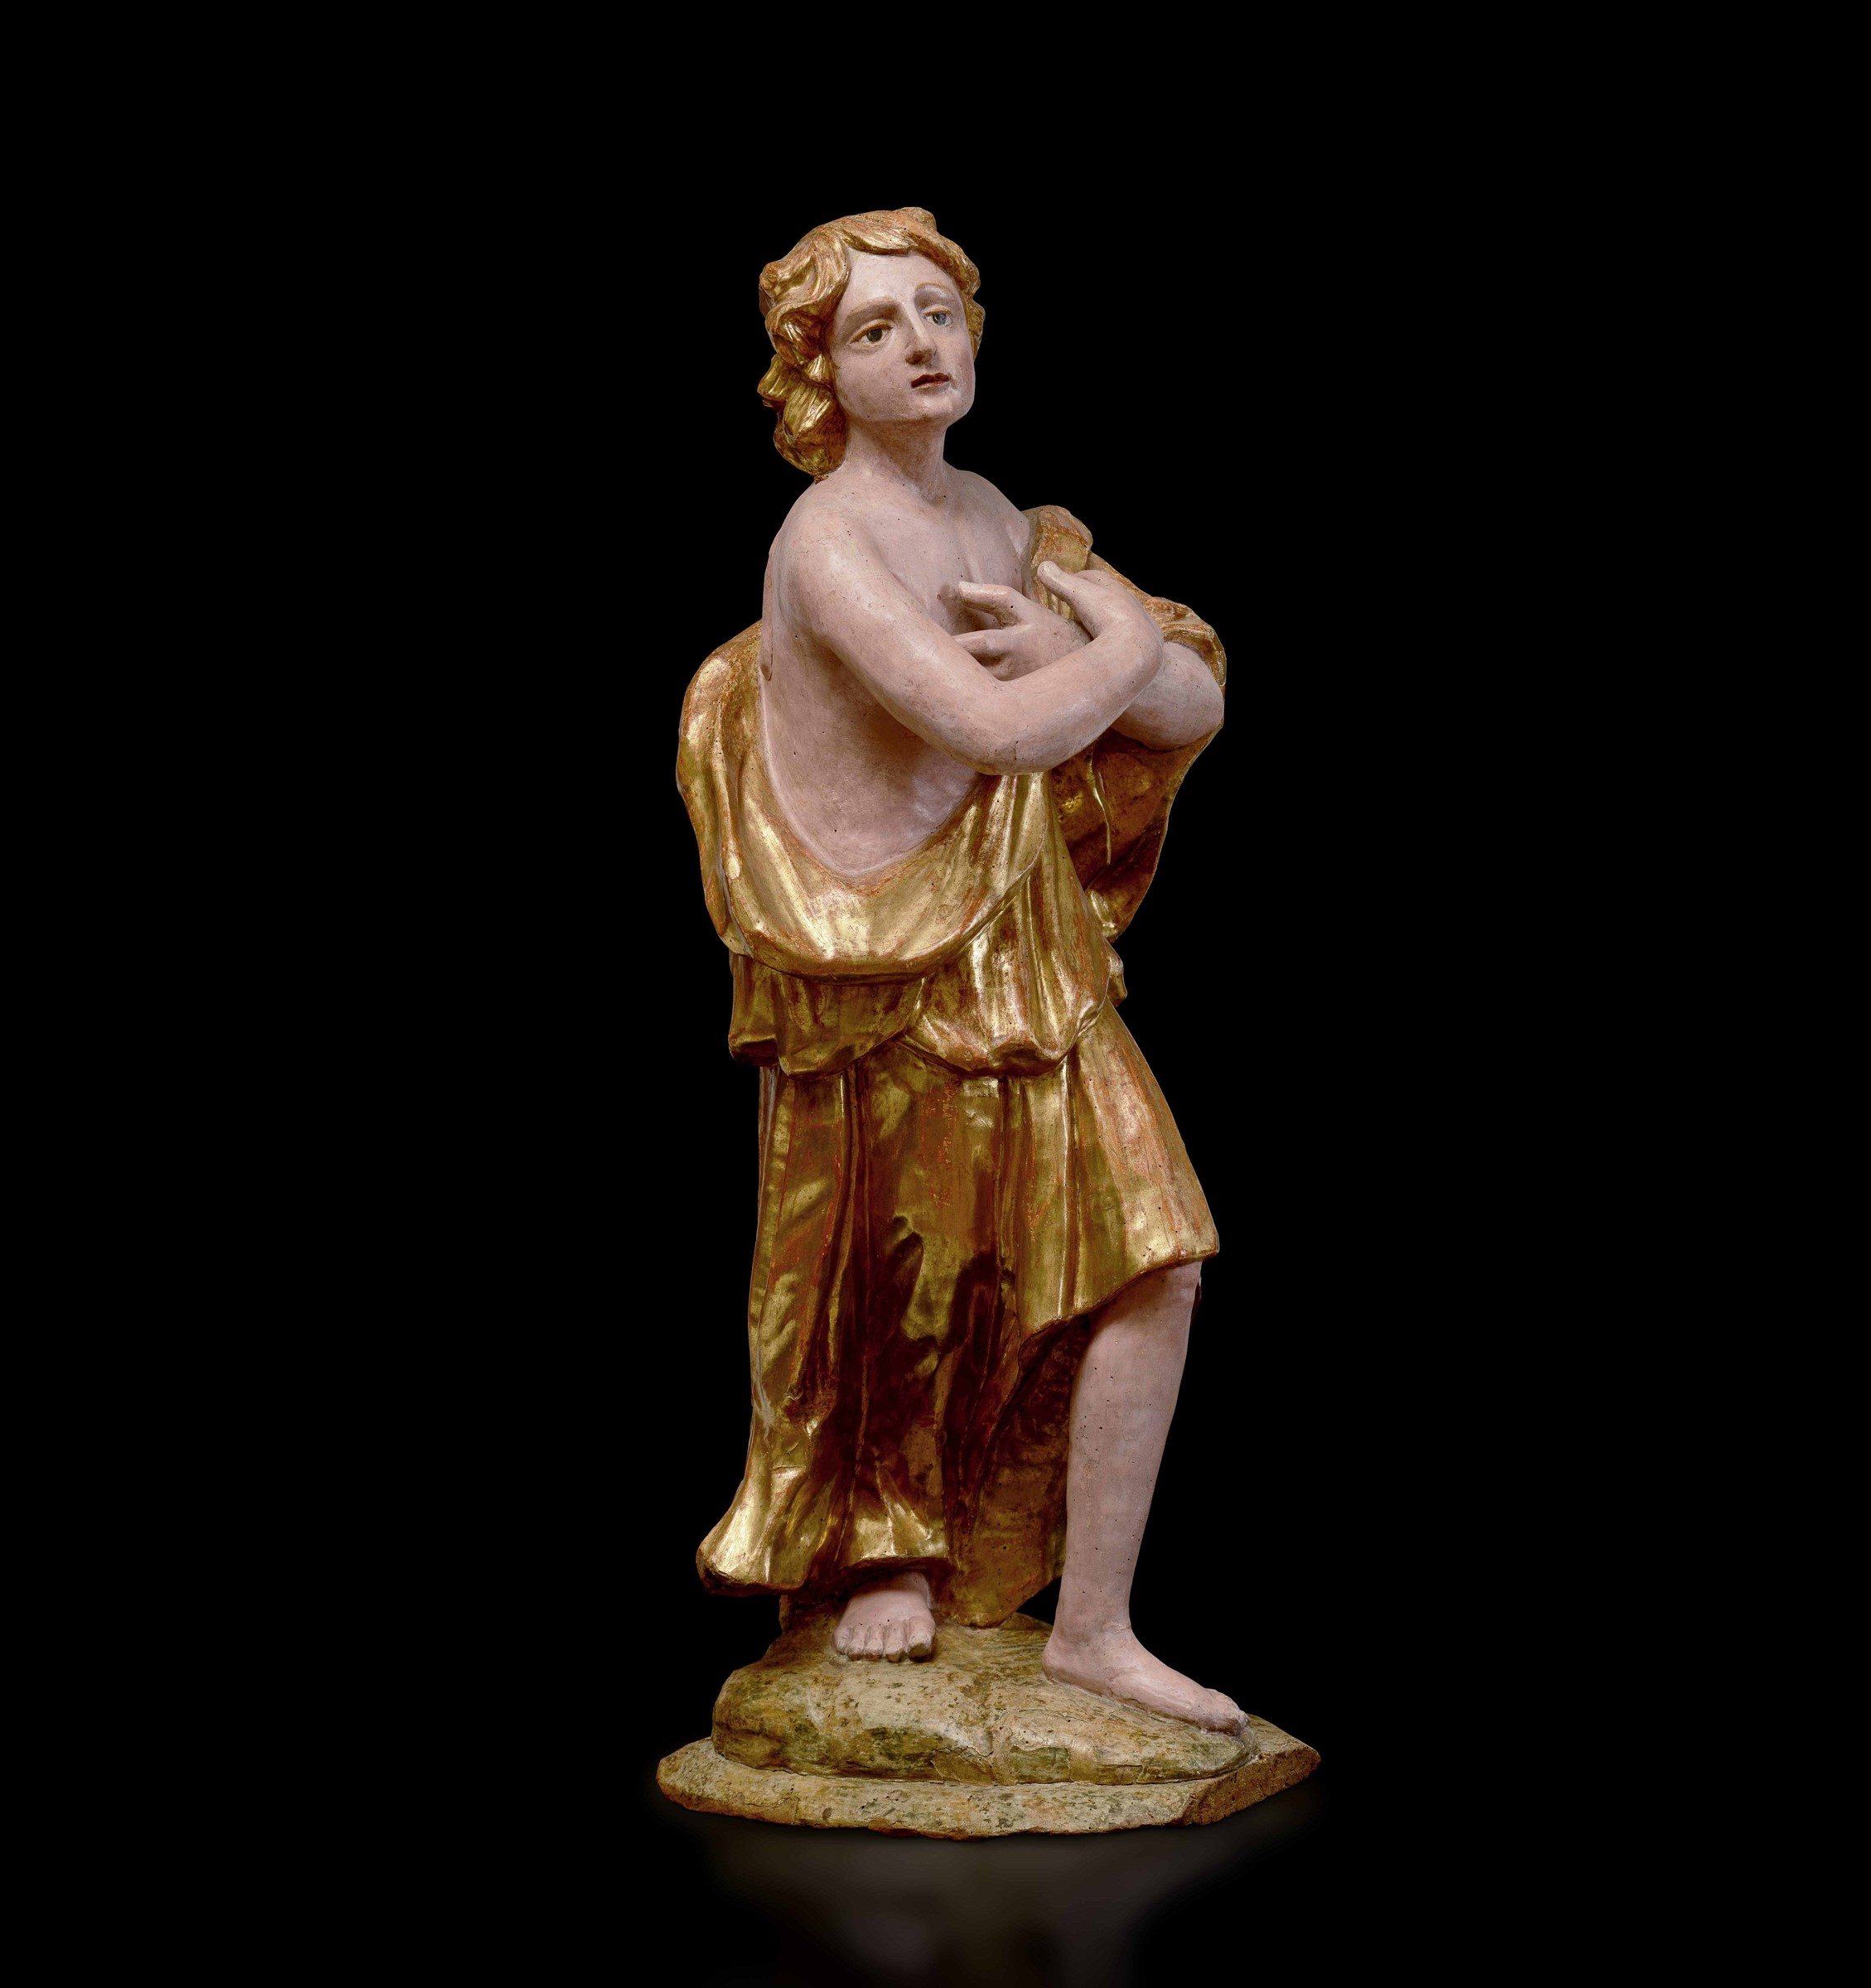 A wooden sculpture, Central Italy, 16-1700s - cm 120 (restauri alla policromia) -